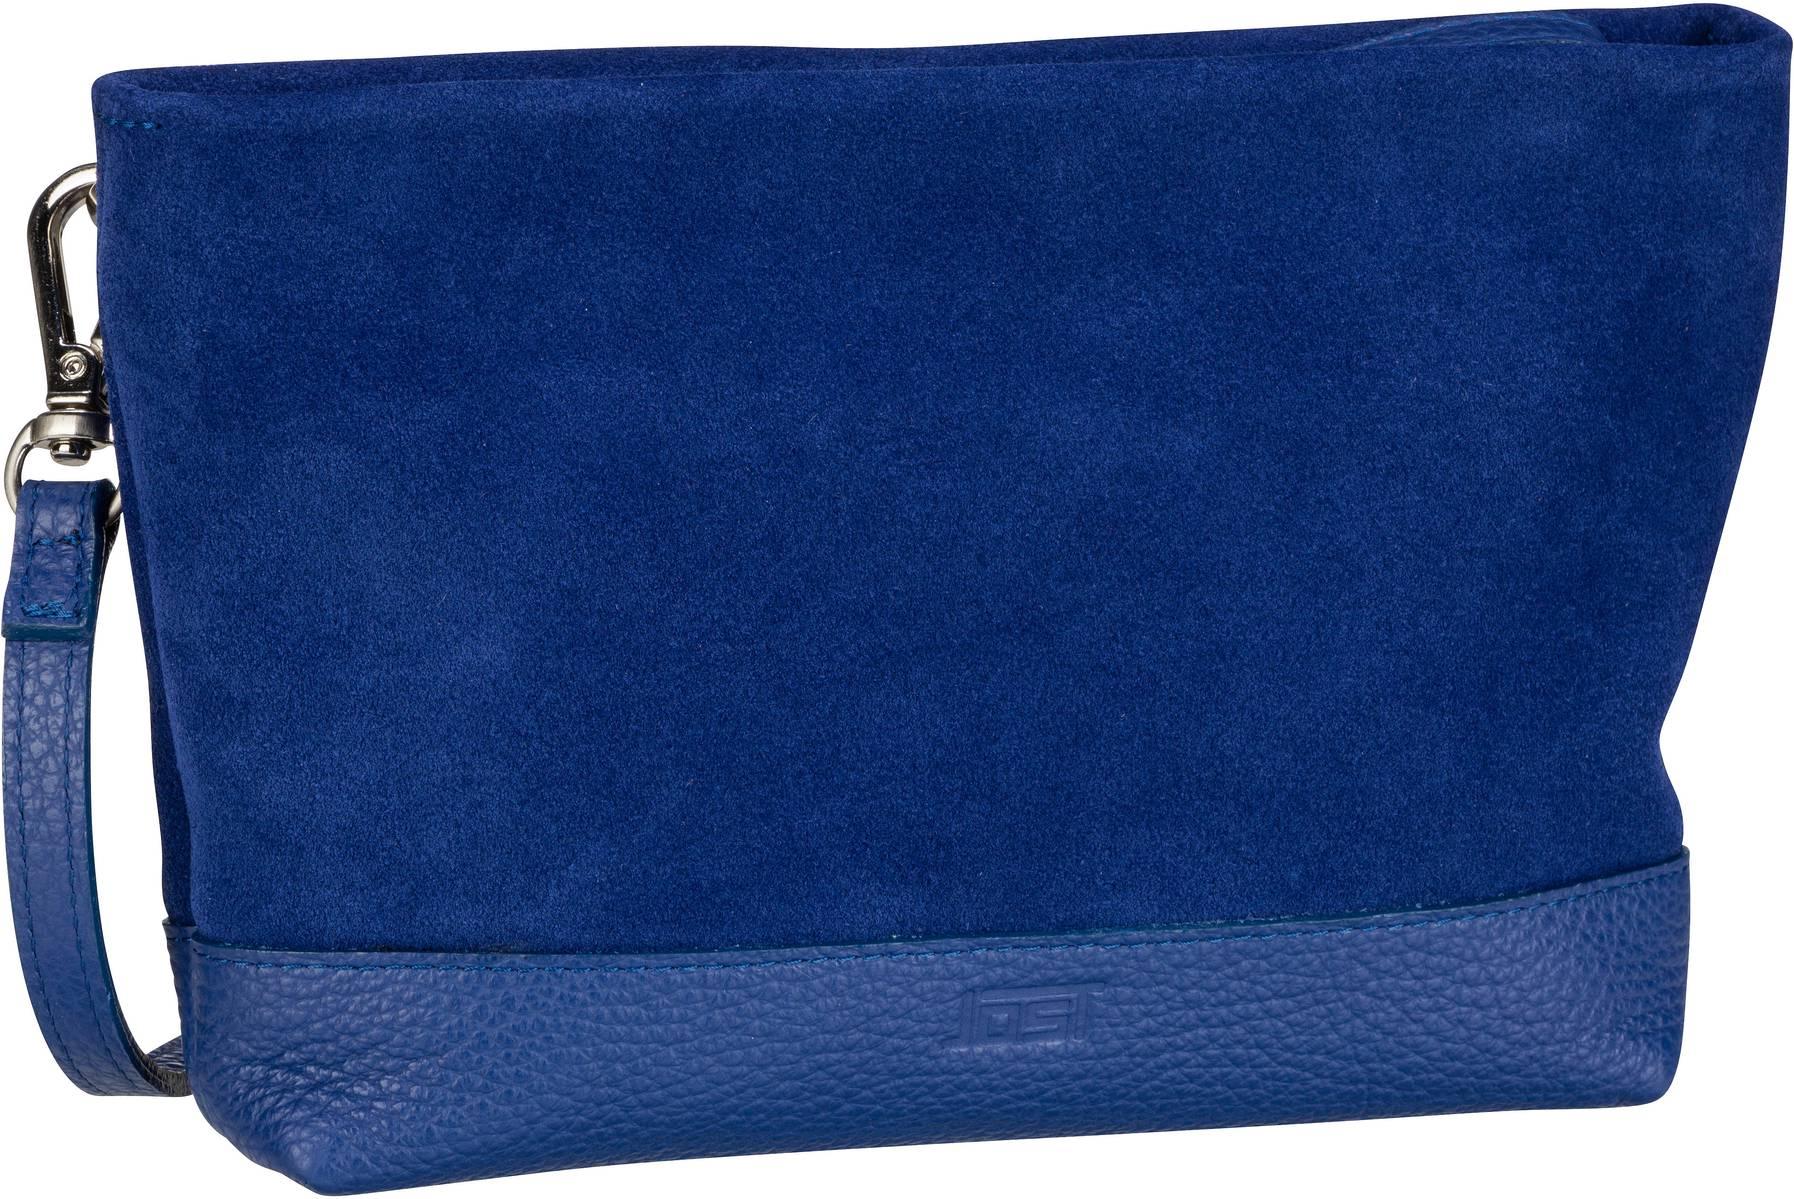 Umhängetasche Motala 1747 Belt/Shoulder Bag Royalblue